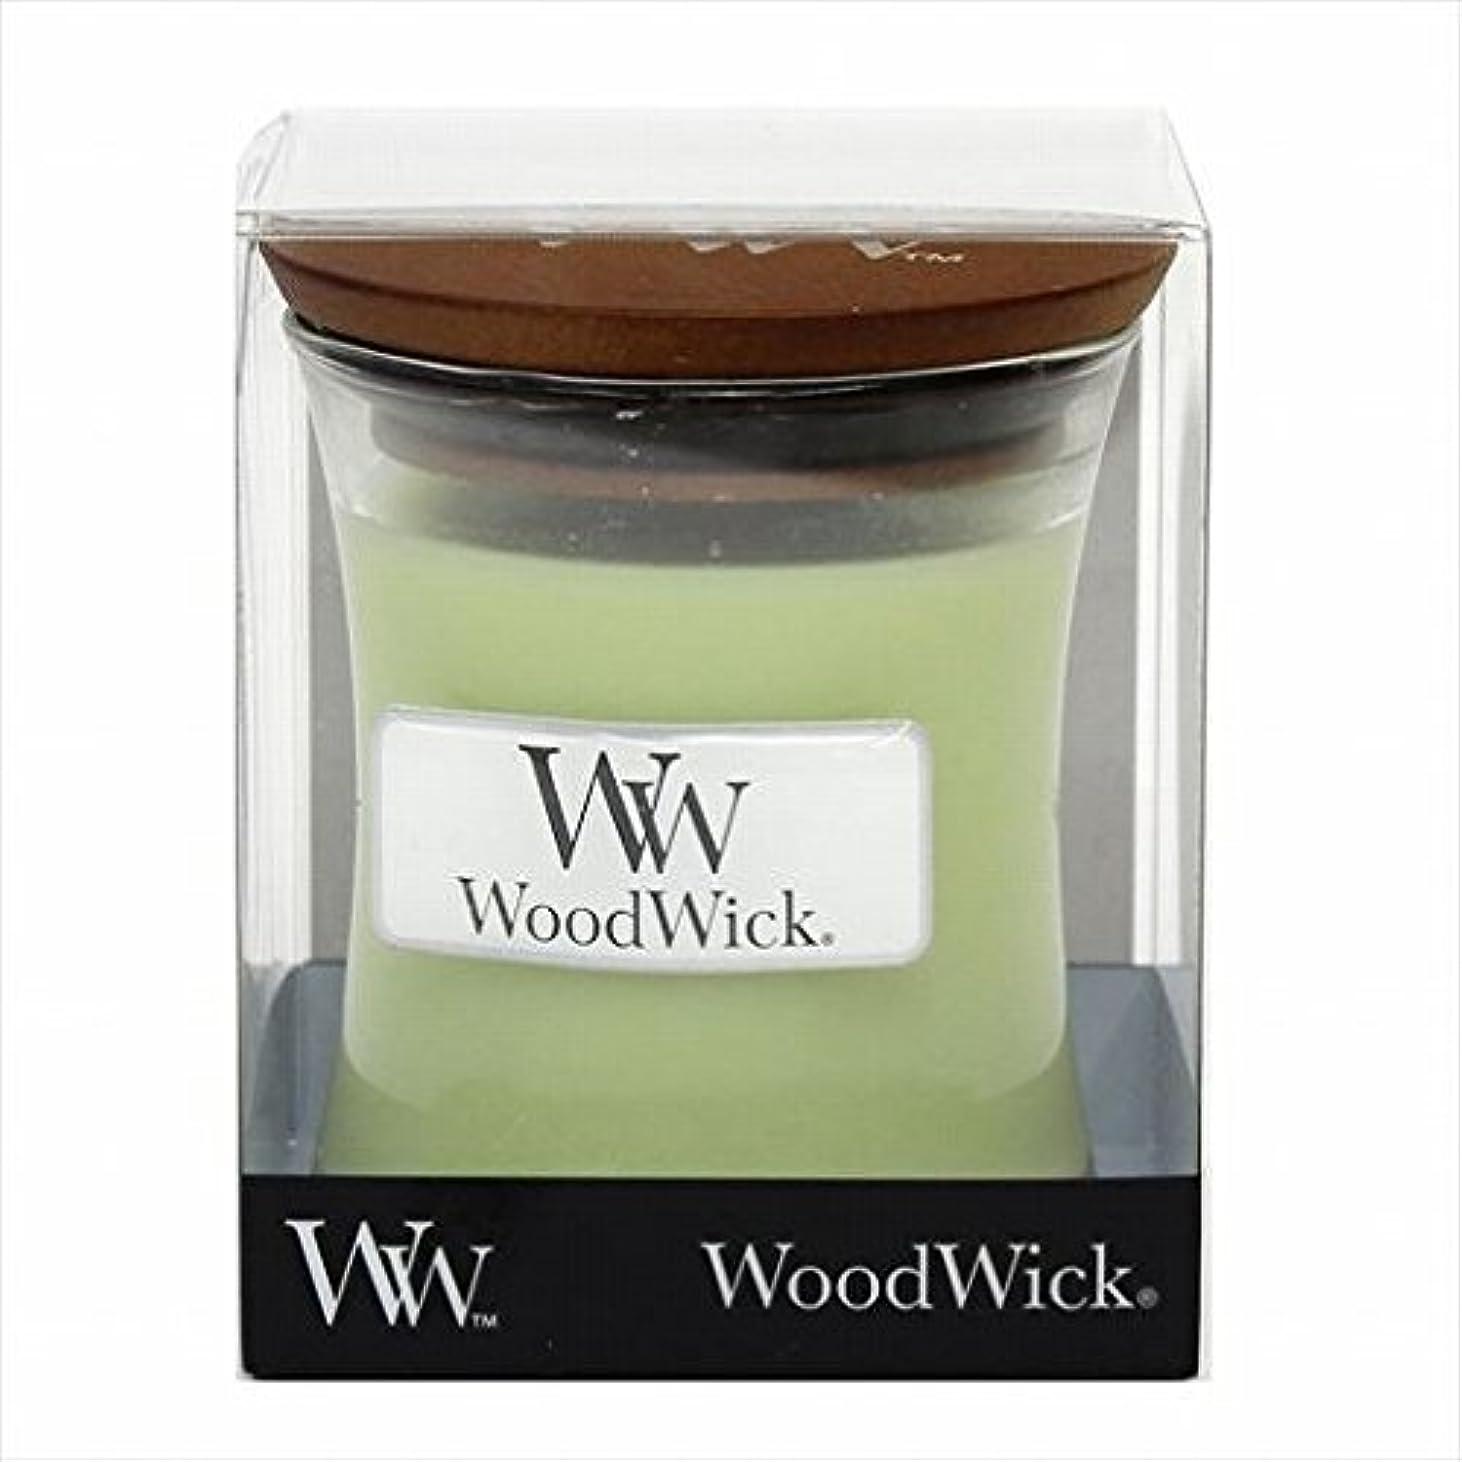 カフェレッドデート見物人カメヤマキャンドル(kameyama candle) Wood Wick ジャーS 「 ウィロー 」